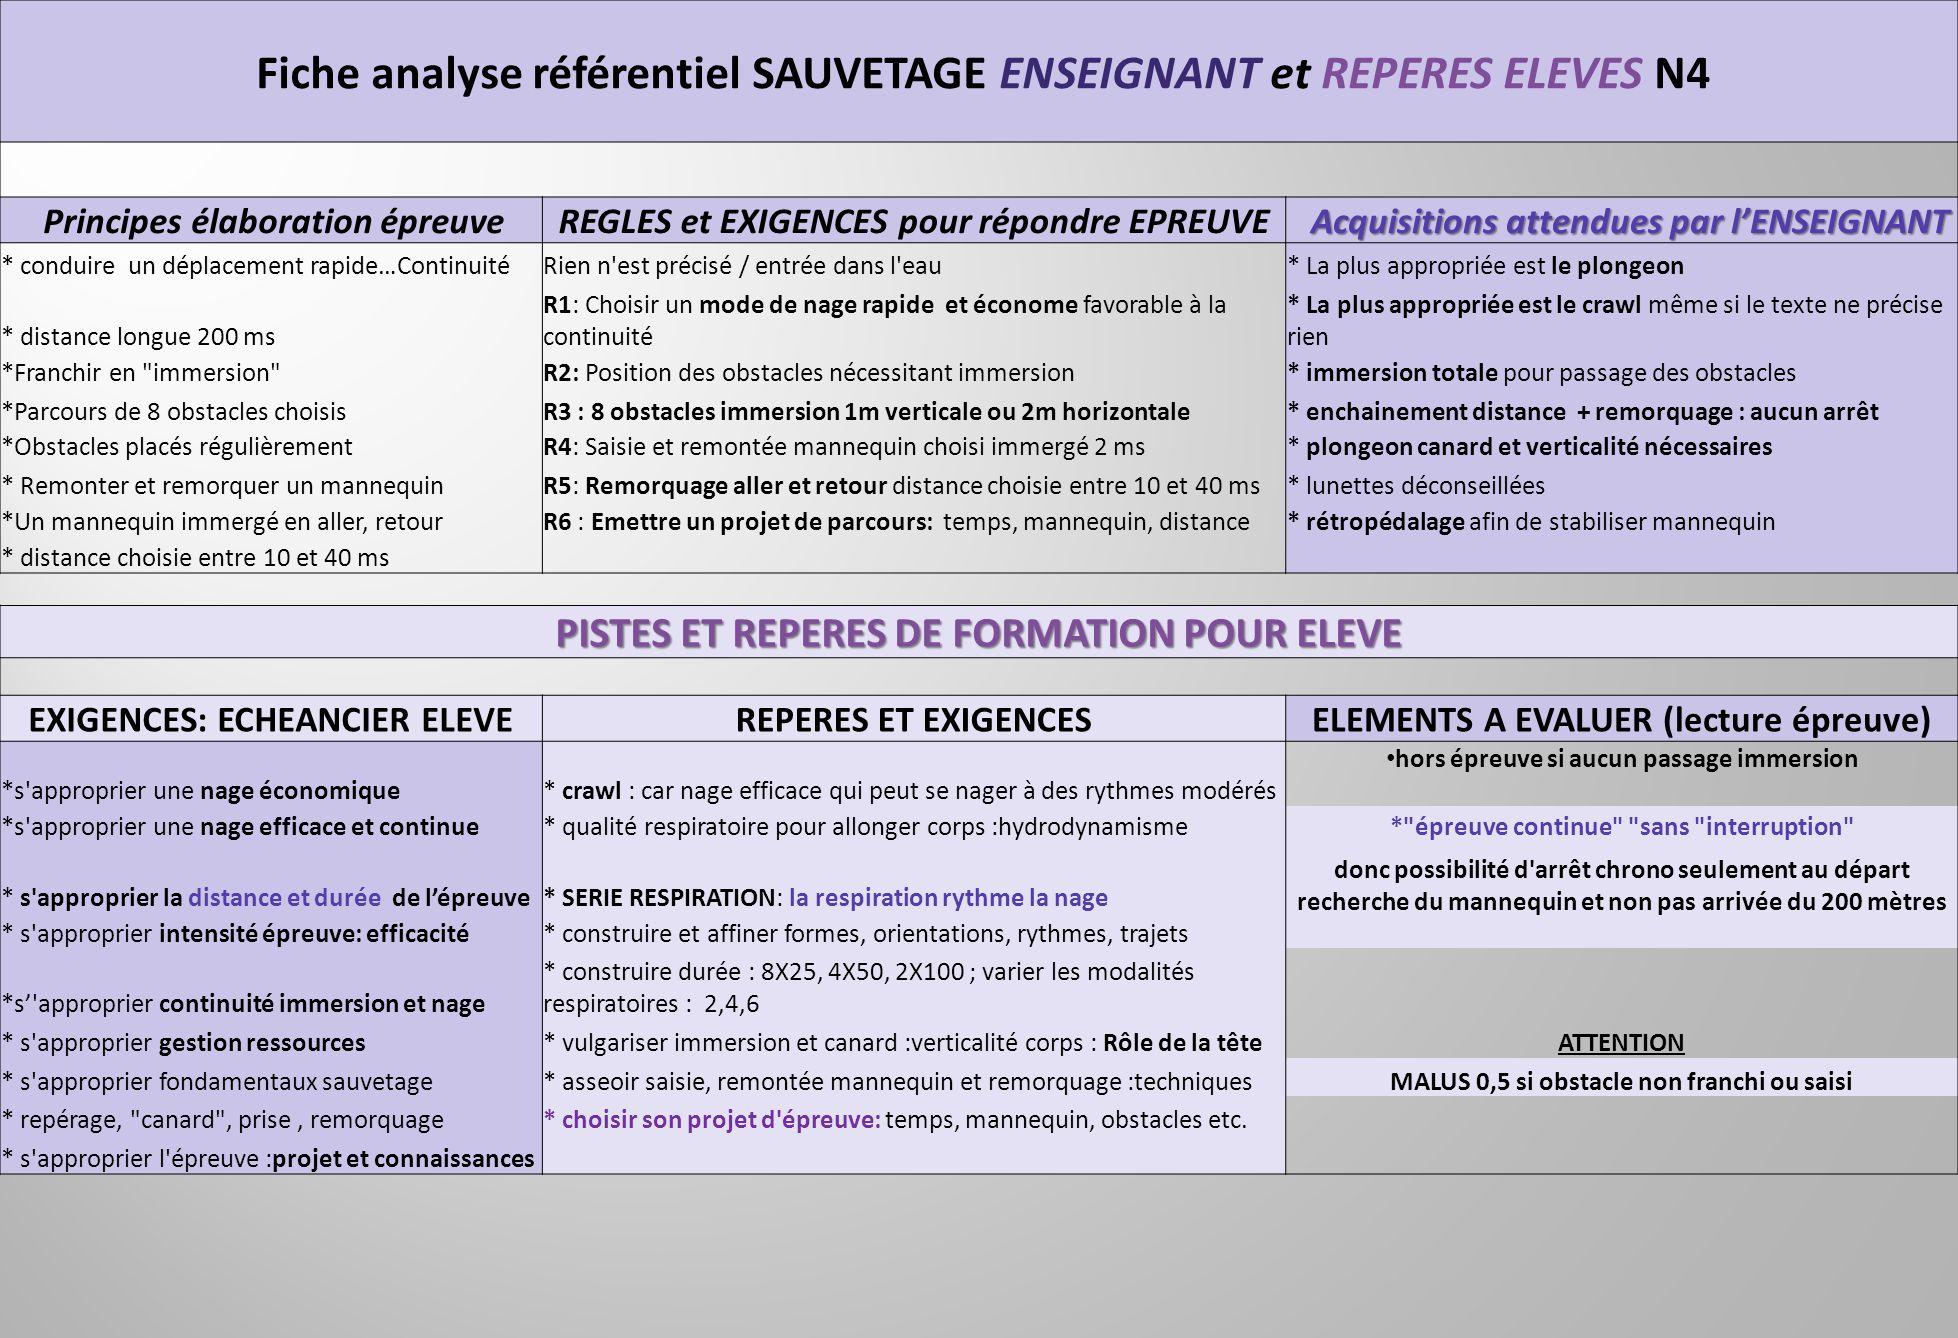 Fiche analyse référentiel SAUVETAGE ENSEIGNANT et REPERES ELEVES N4 Principes élaboration épreuveREGLES et EXIGENCES pour répondre EPREUVE Acquisition